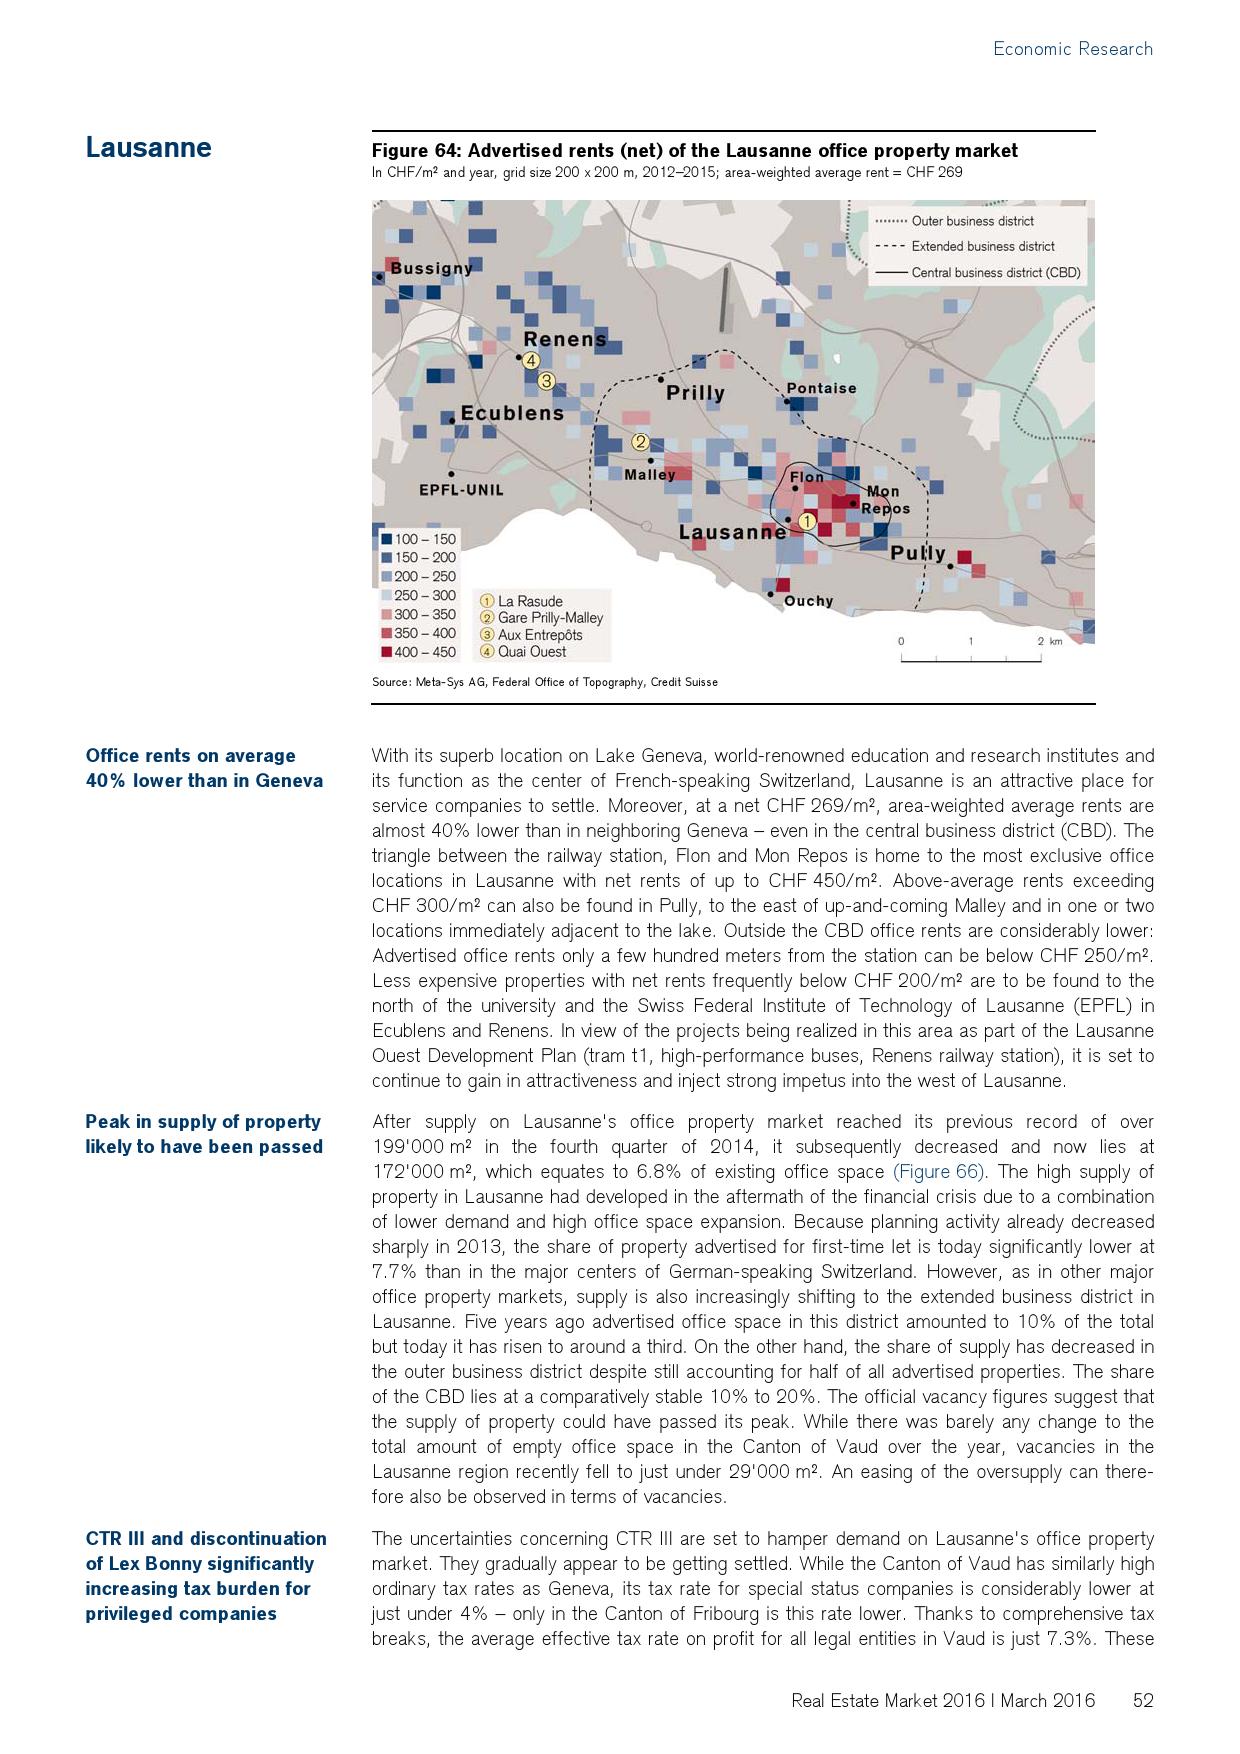 2016年瑞士房地产市场研究报告_000052